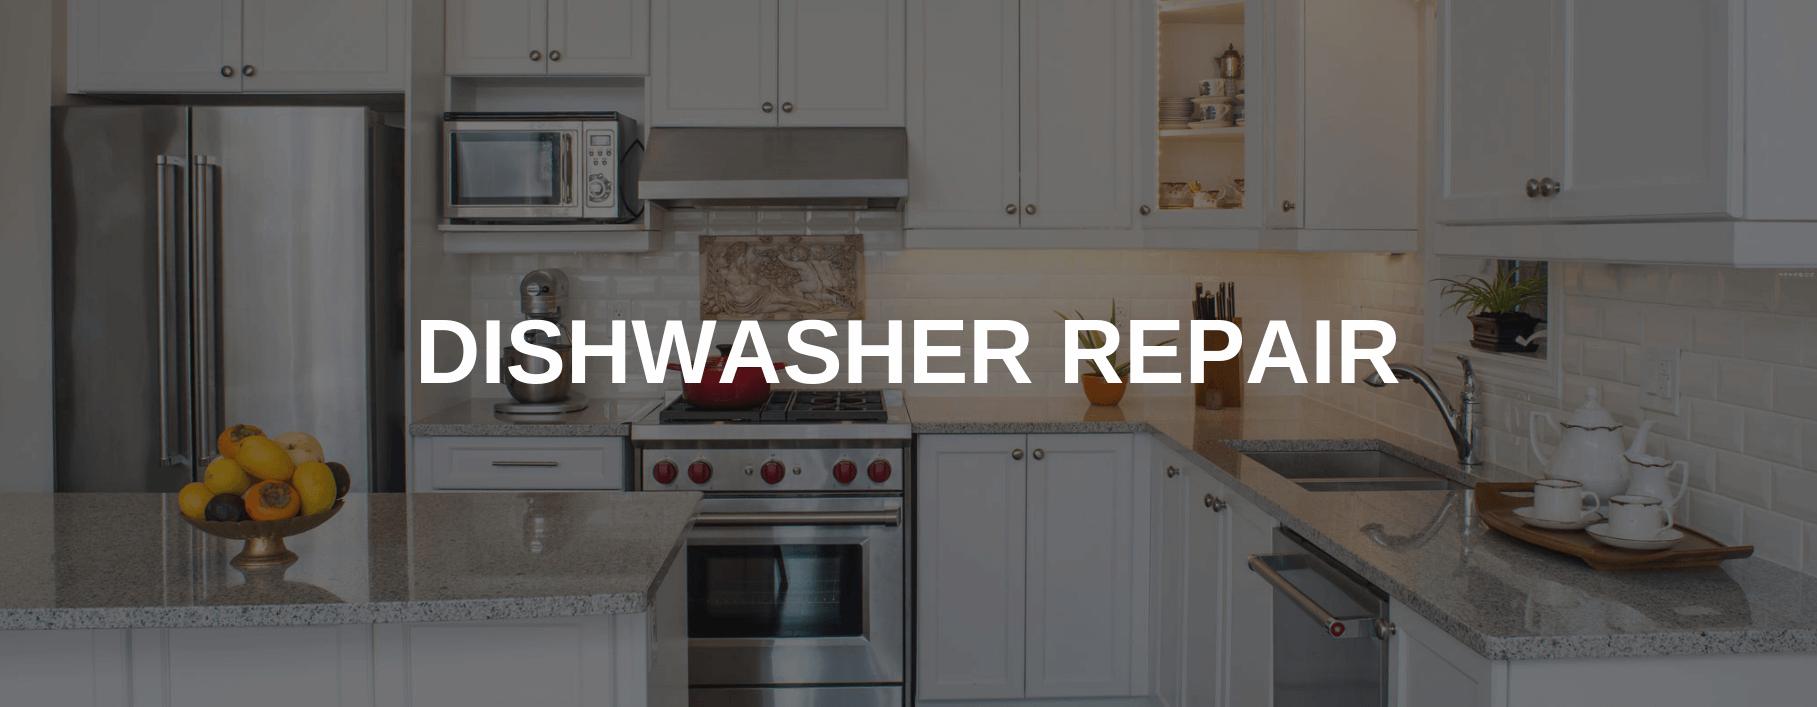 dishwasher repair Branford